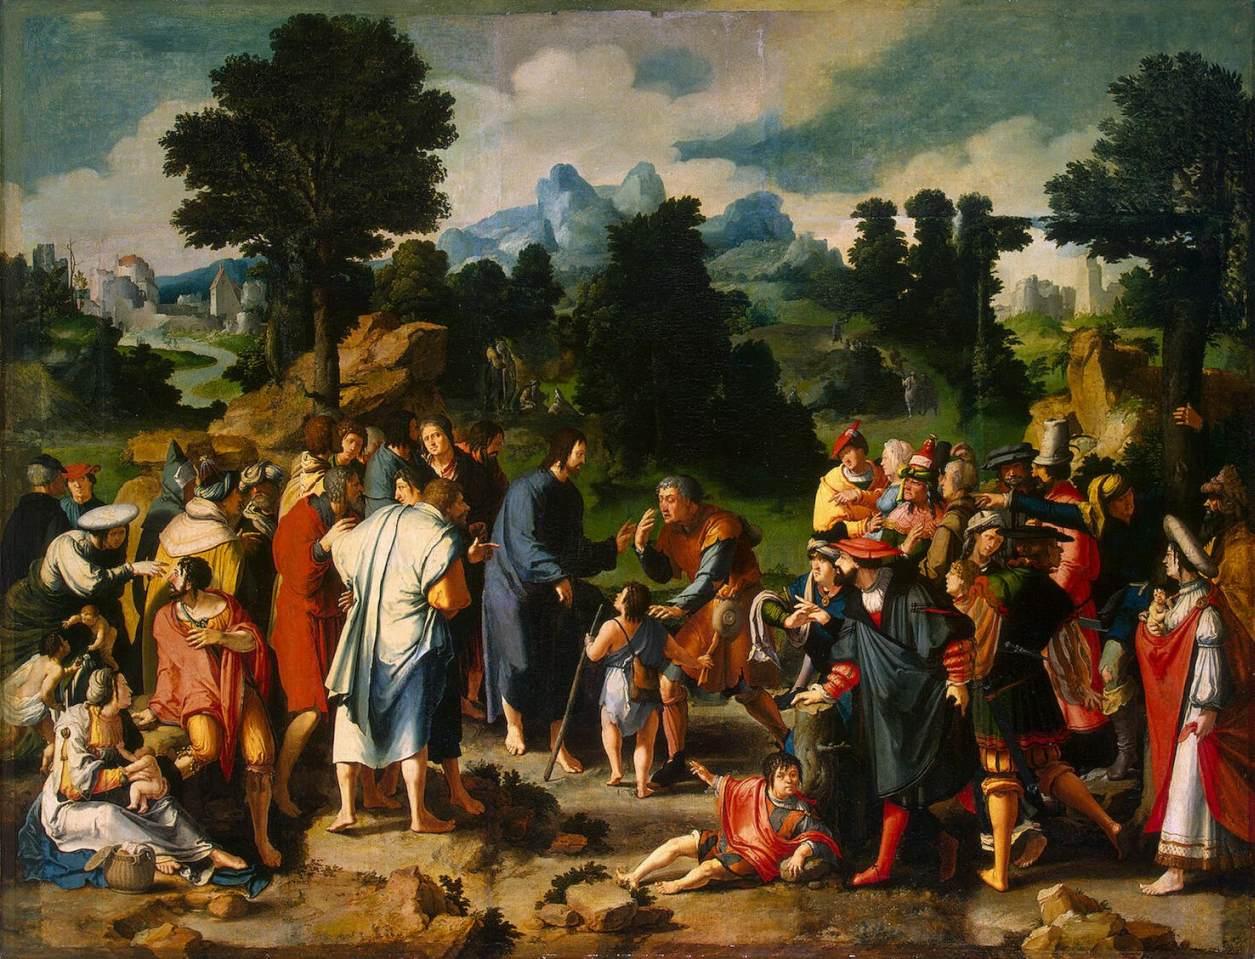 Lucas van Leyden - Jésus guérissant l'aveugle - intérieur d'un triptyque 1531